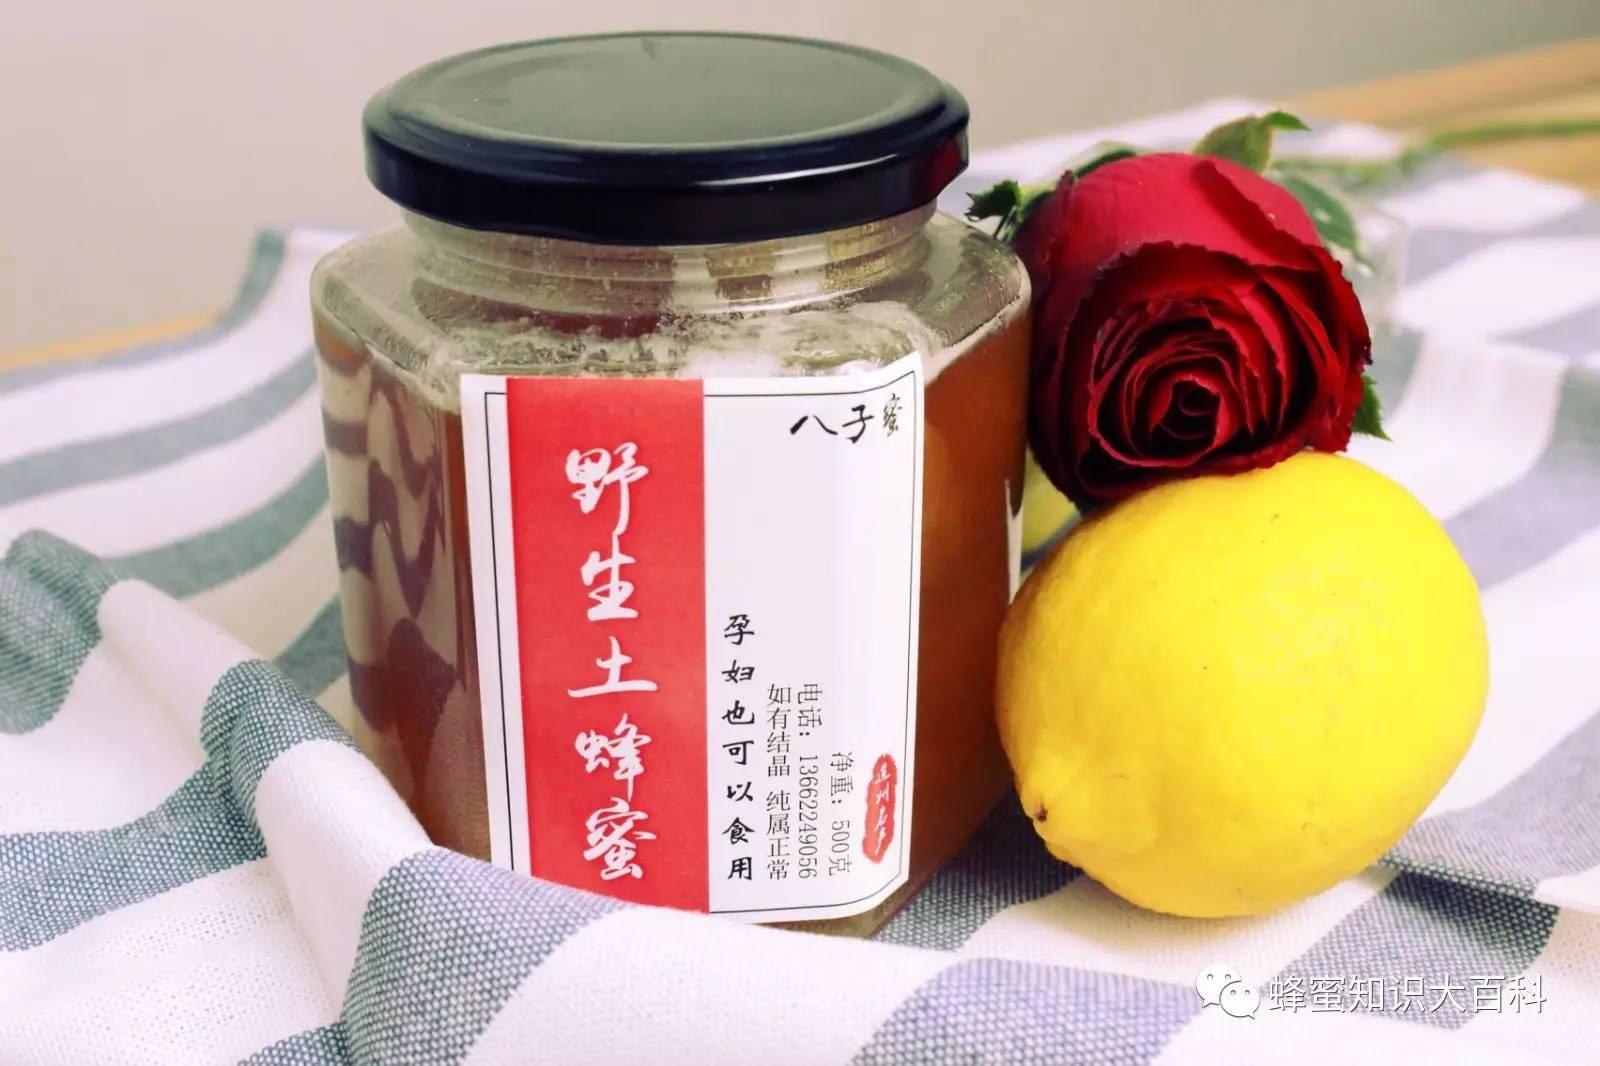 蜂蜜吃了有什么好处 QS图标 蜂蜜园农庄 麦卢卡蜂蜜 冬天蜂蜜不结晶好吗